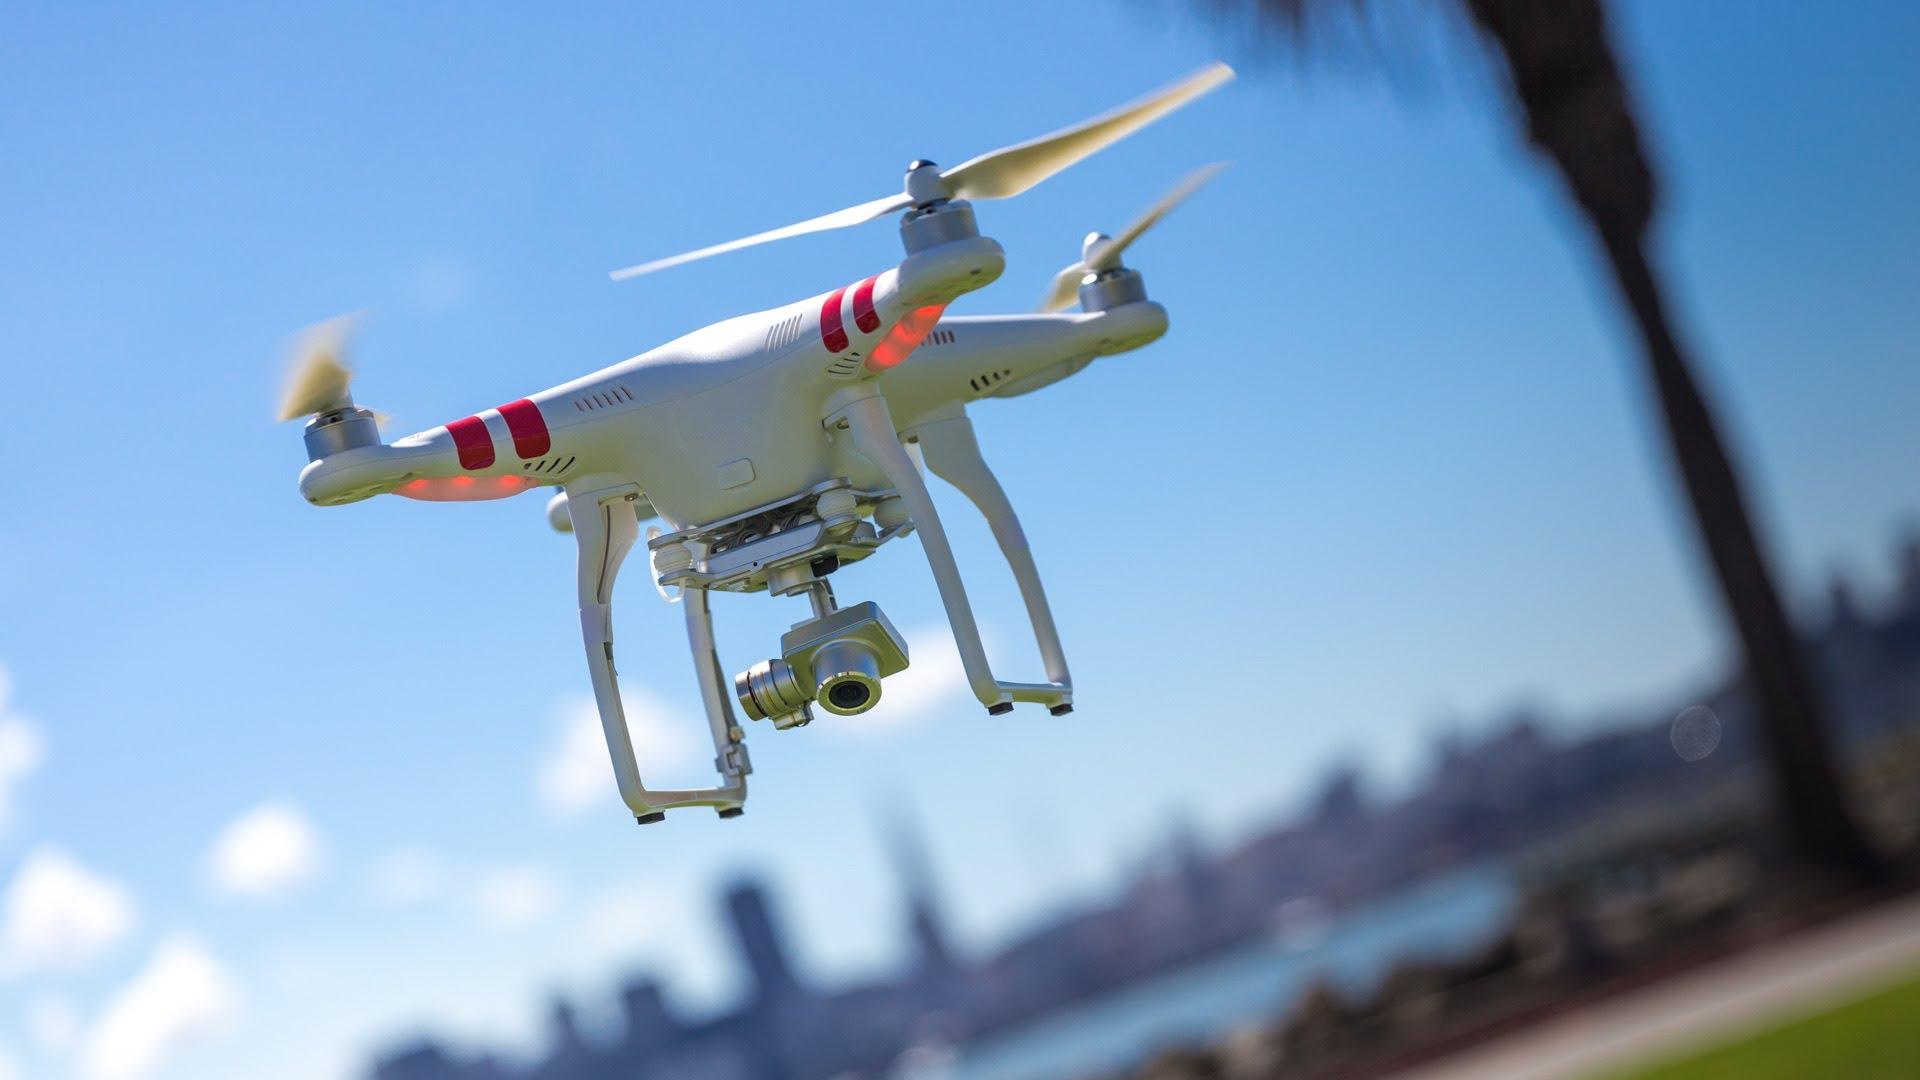 Sondagem: O regulamento existente para Drones é suficiente?